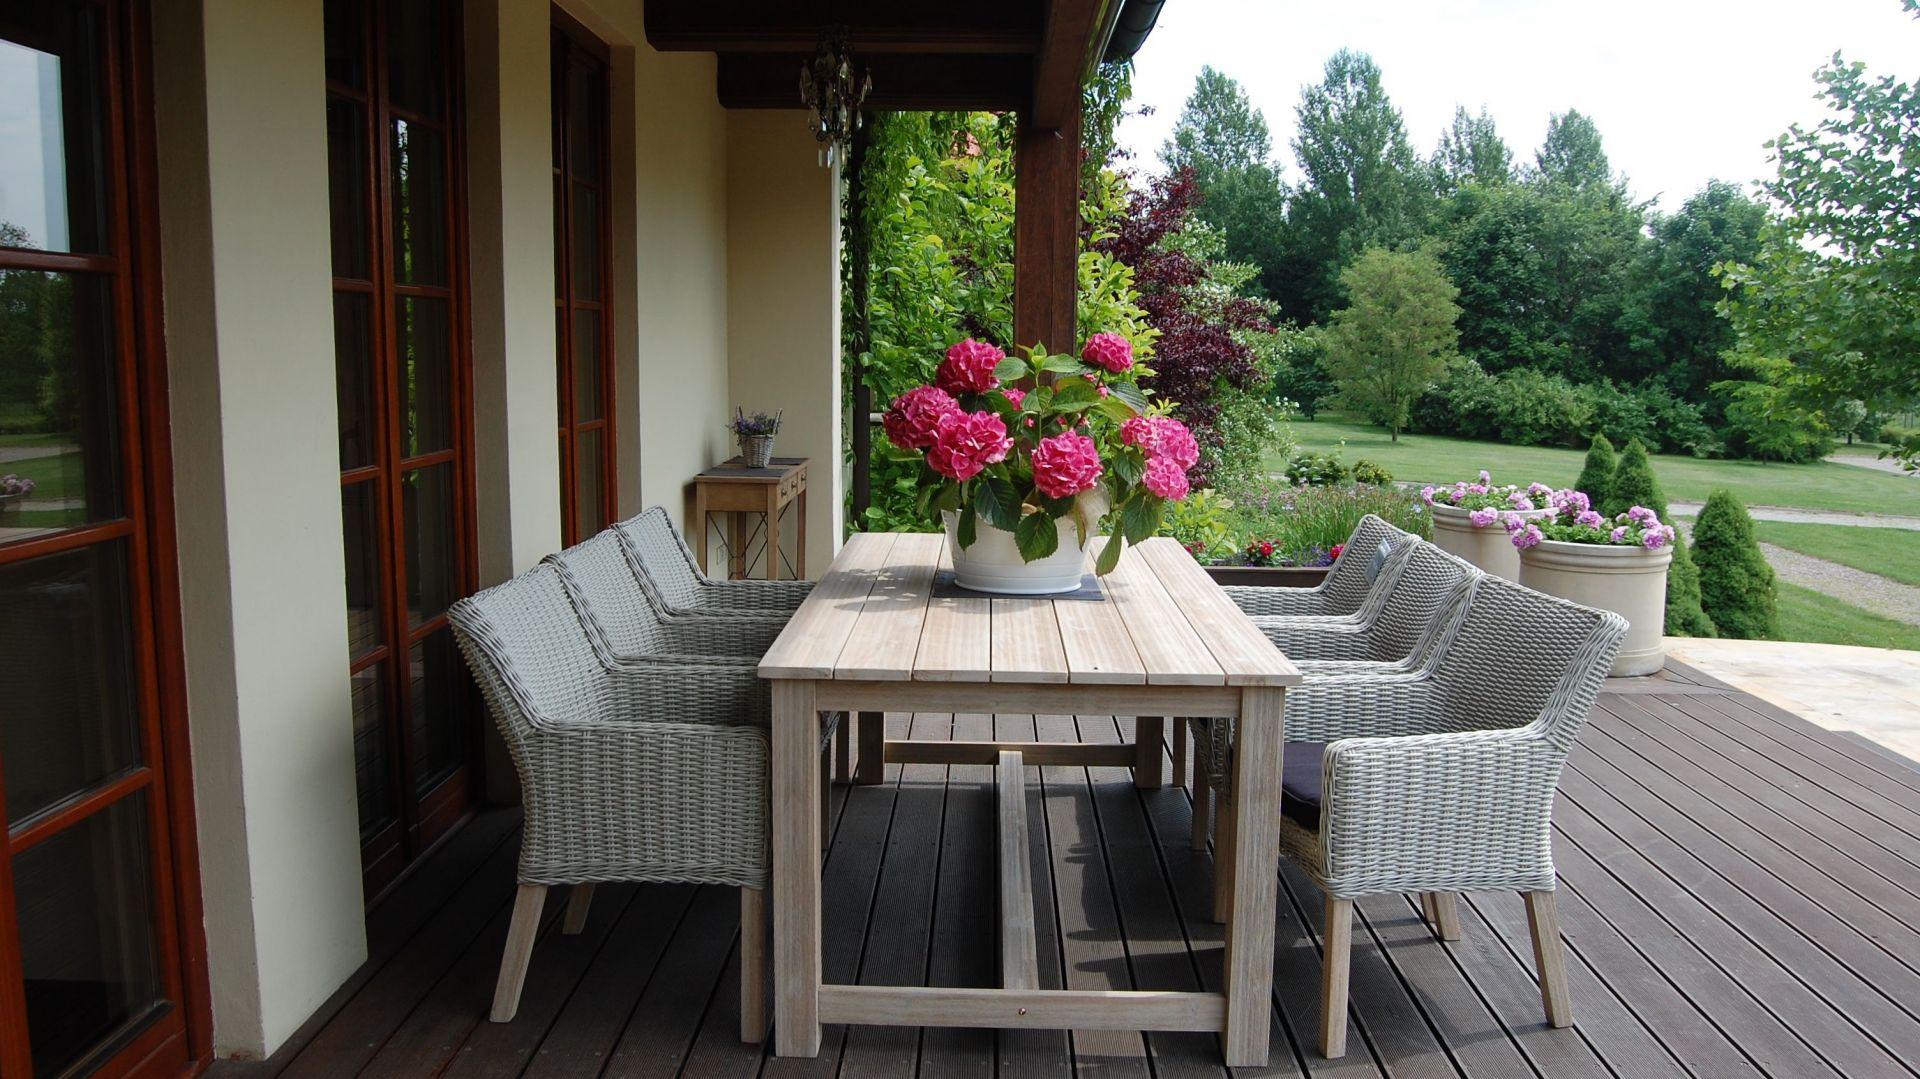 Mura, Miloo to bielone drewno akacjowe, solidny drewniany blat oraz masywne nogi stworzą wyjątkową atmosferę jadalni w środku ogrodu. Fotel Mura, siedzisko wyplatane eco-rattan z drewnianymi nogami.  Fot. House&More